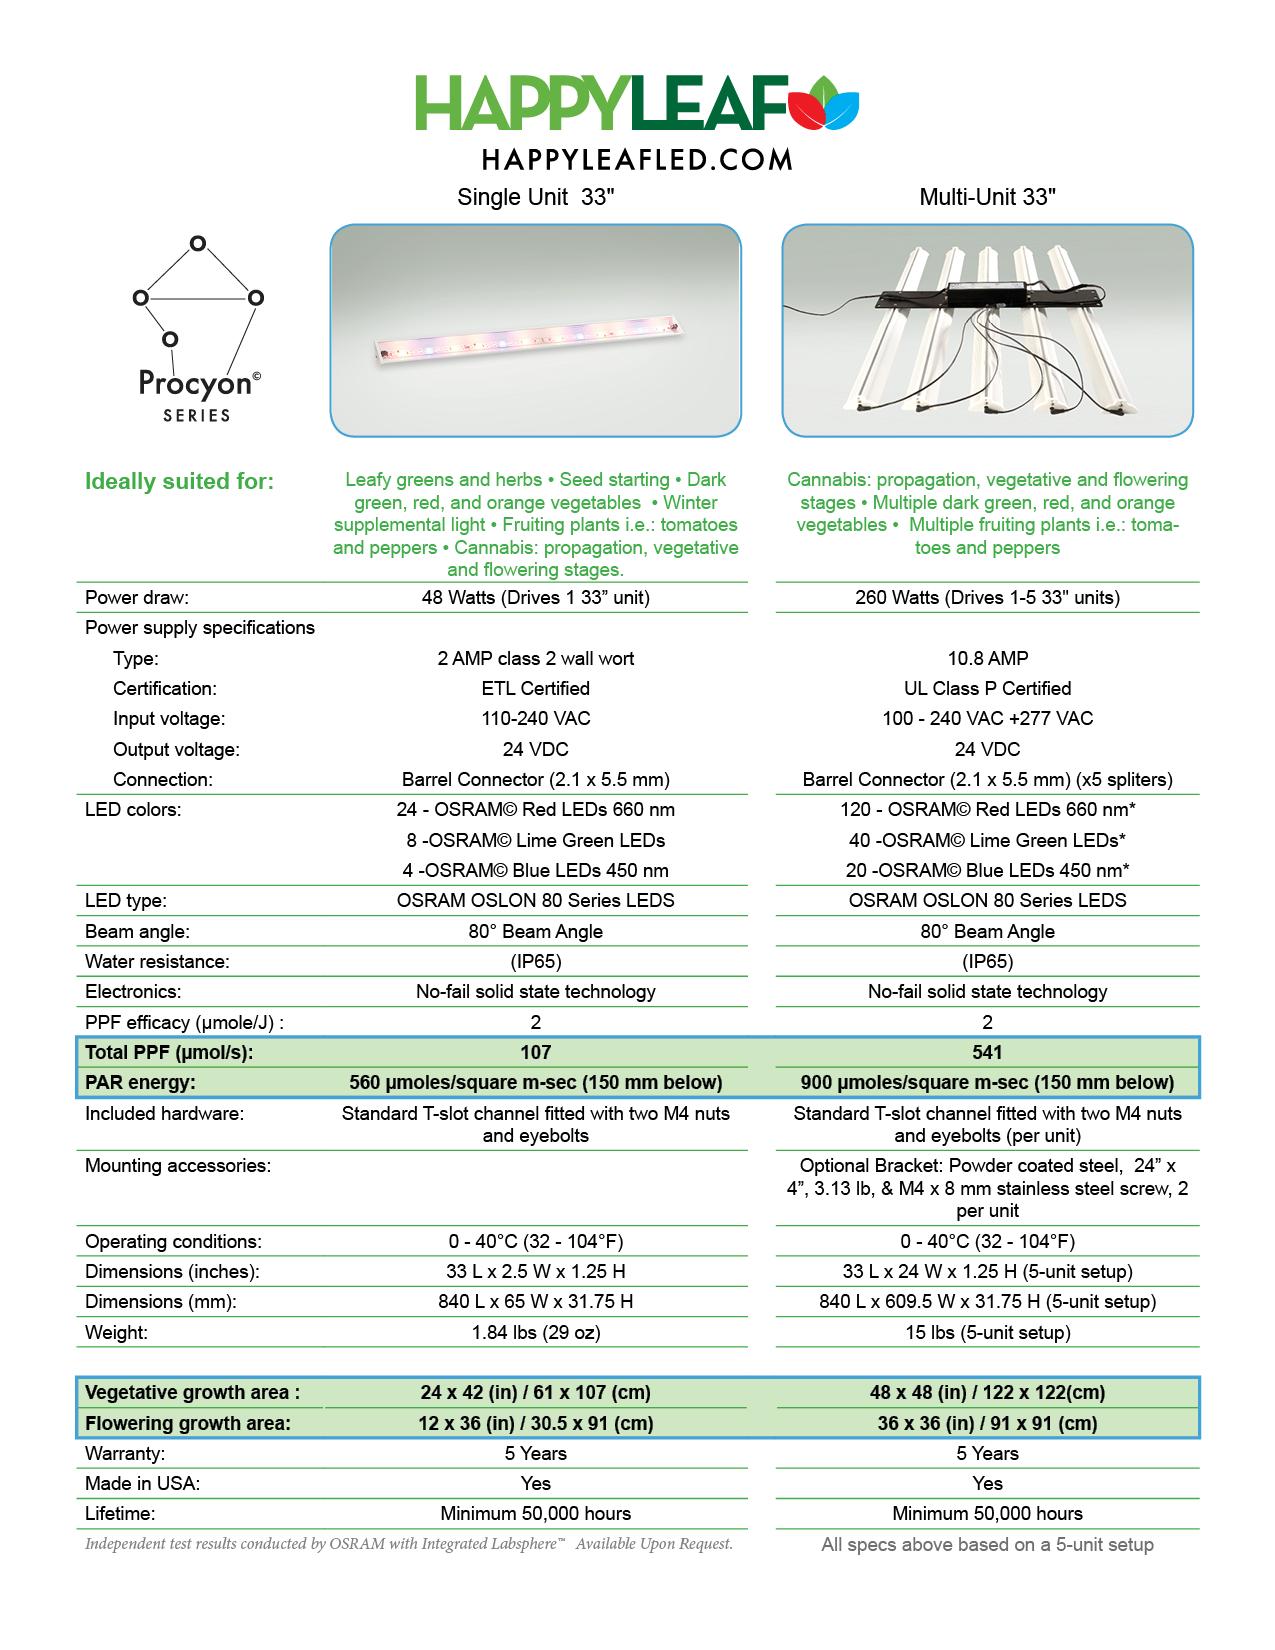 33 spec sheet v4.12.png